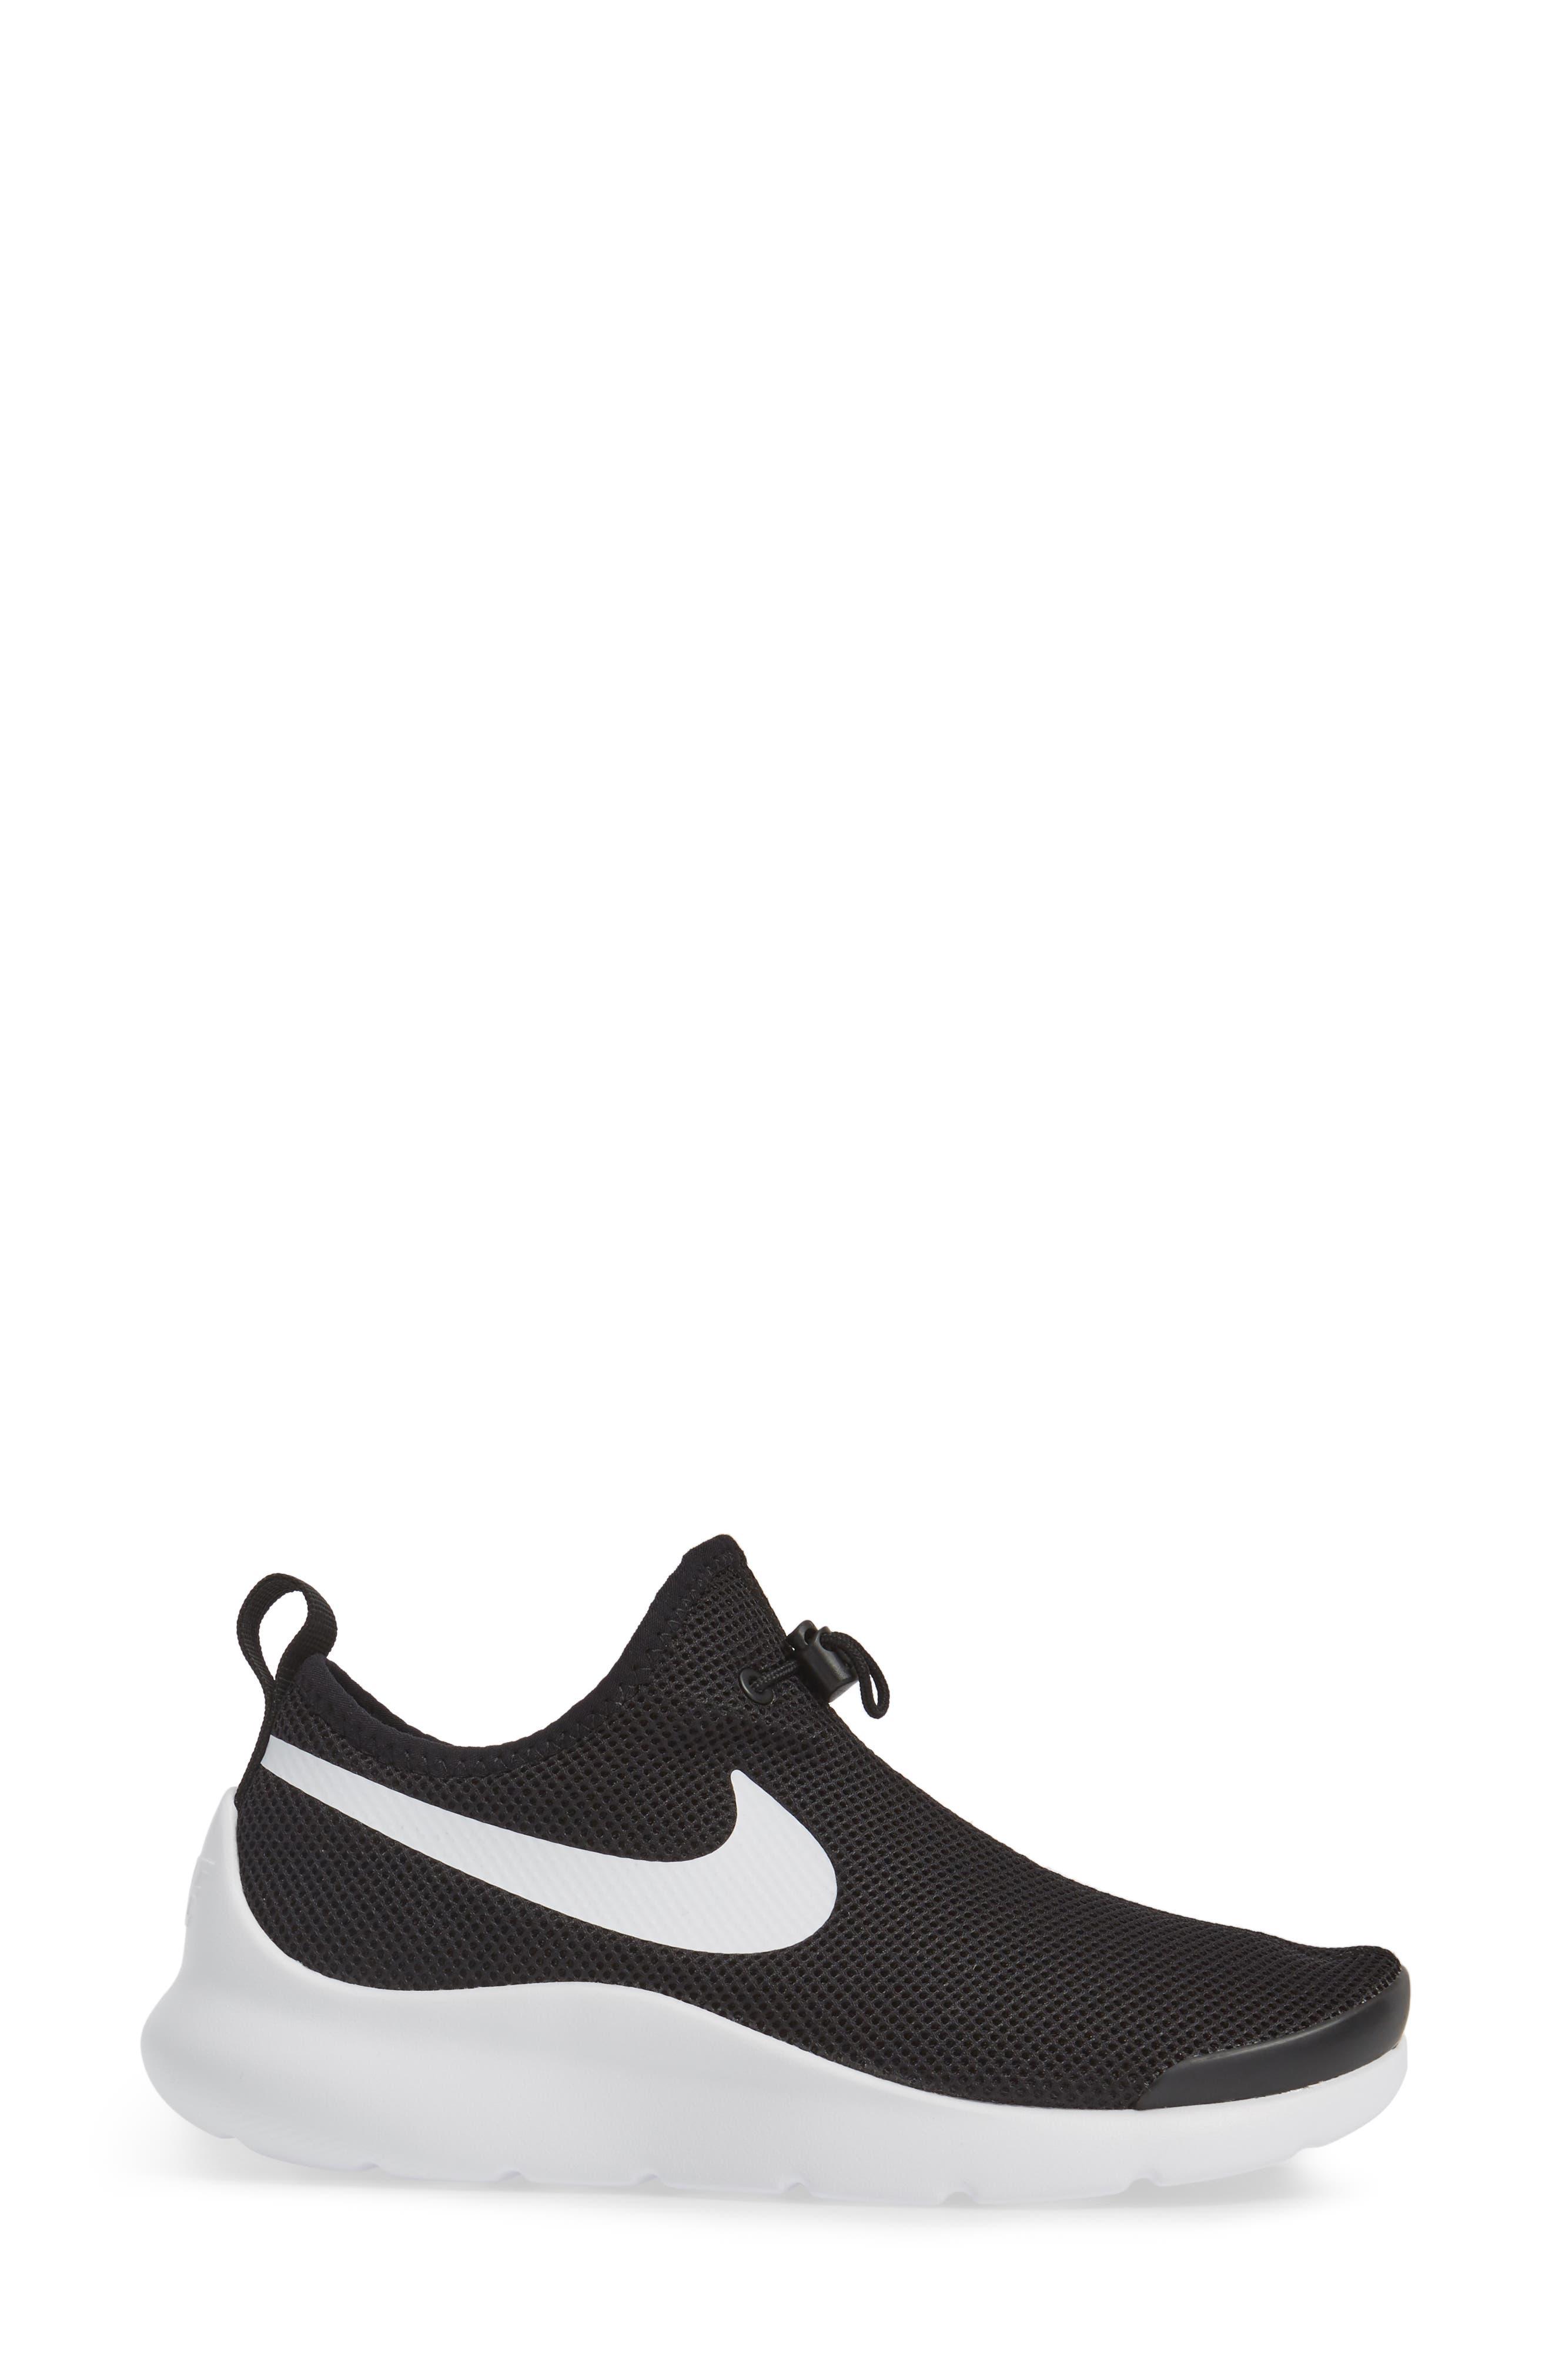 Aptare Slip-On Mesh Sneaker,                             Alternate thumbnail 3, color,                             002